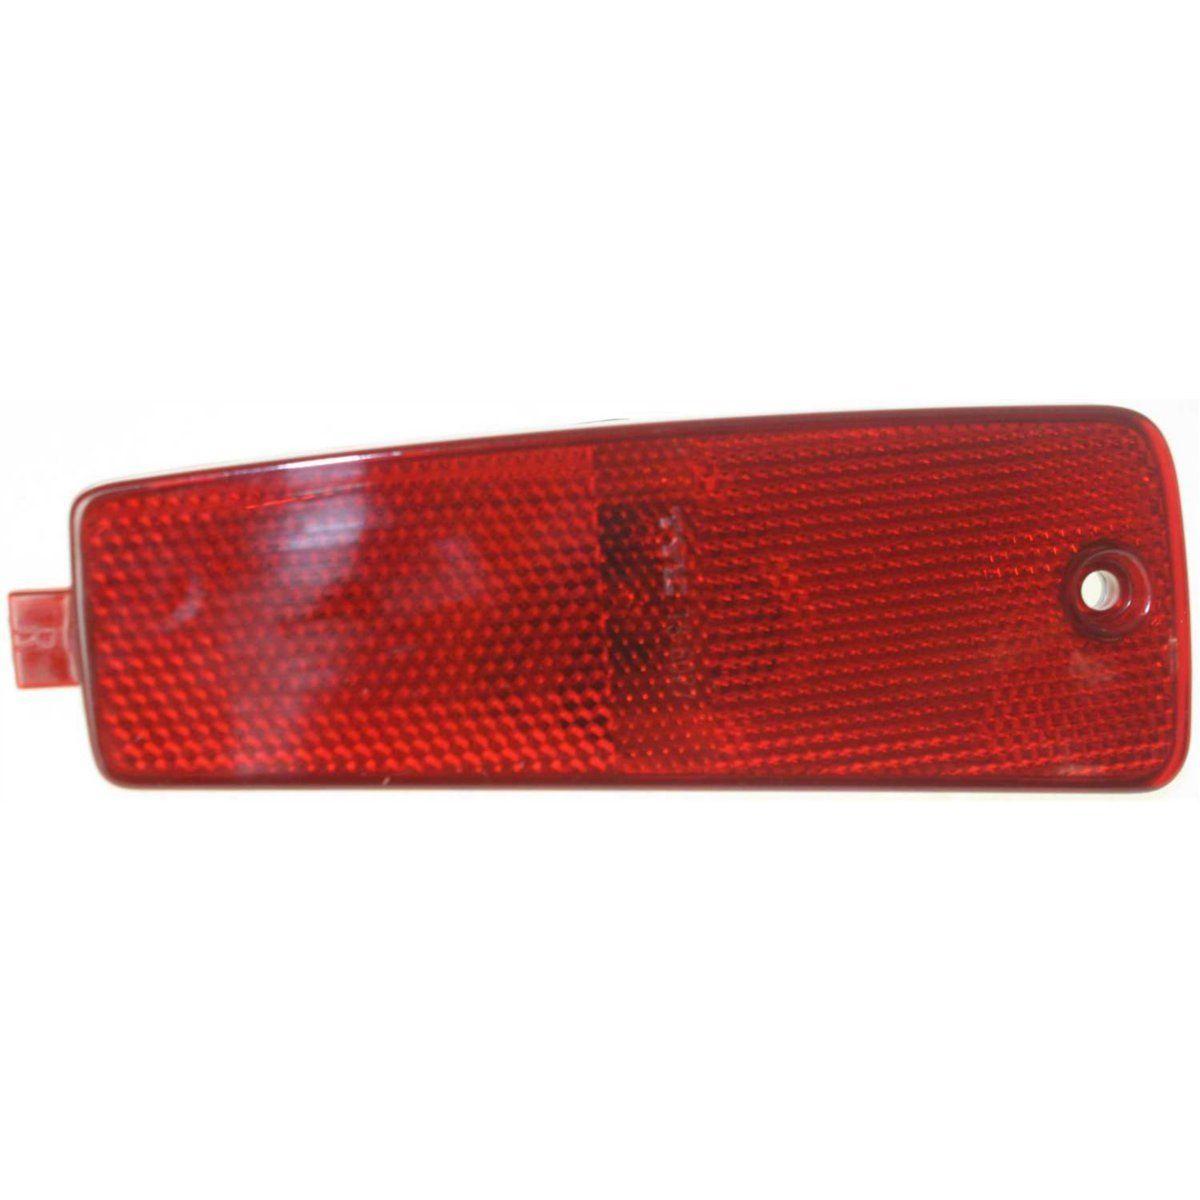 コーナーライト New Side Marker Corner Lamp Parking Light Cornerlight Rear Passenger Right Chevy 新しいサイドマーカーコーナーランプパーキングライトコーナーライトリアの乗客右シボレー